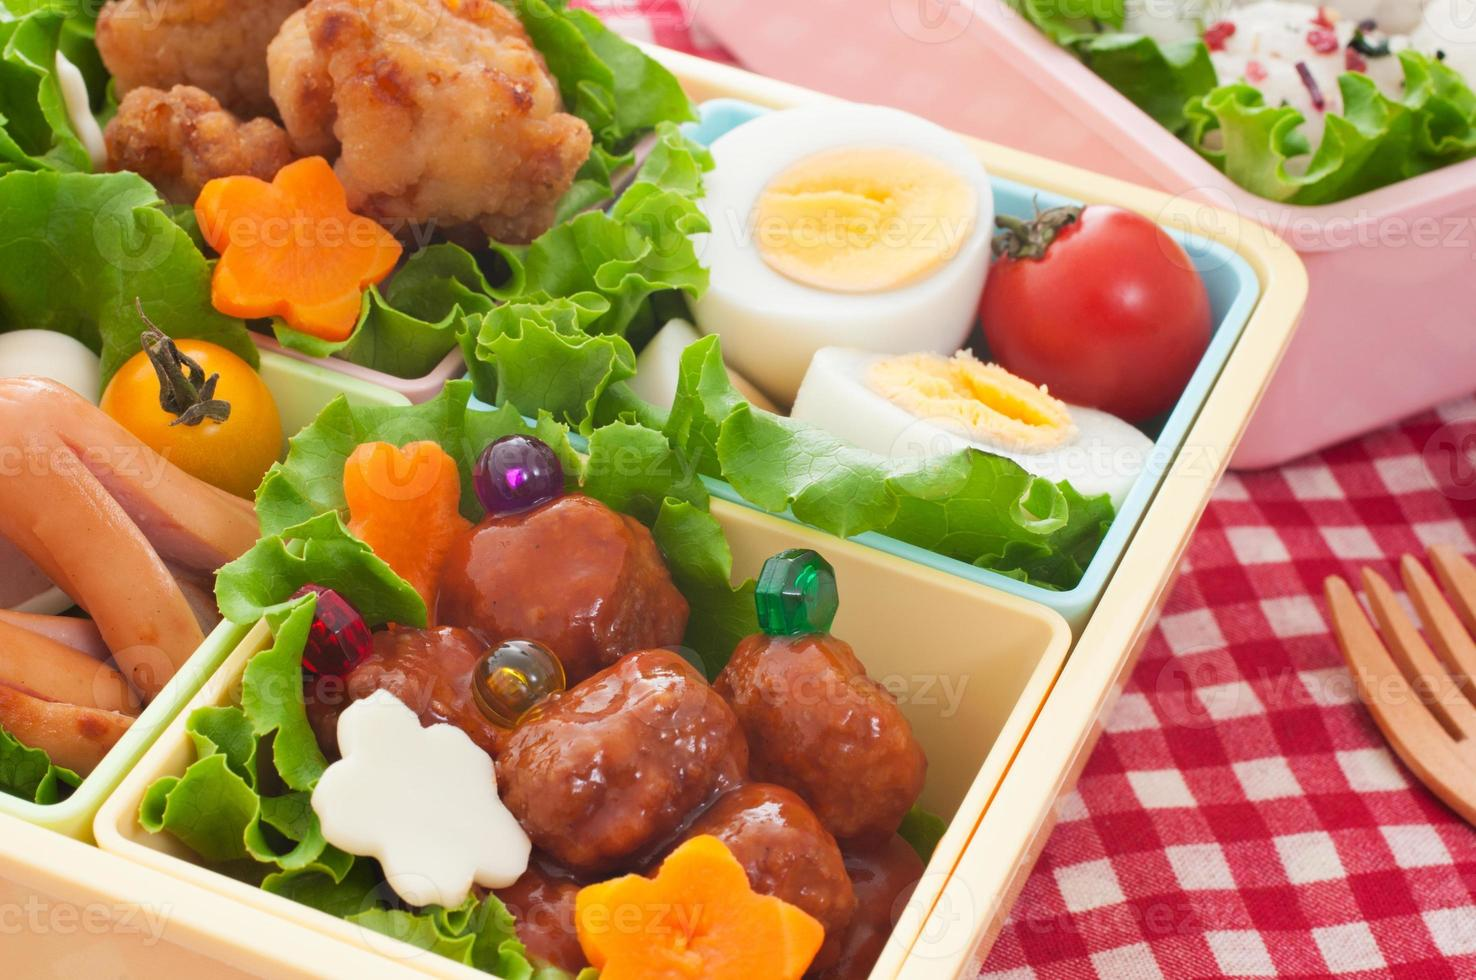 pranzo colorato giapponese foto